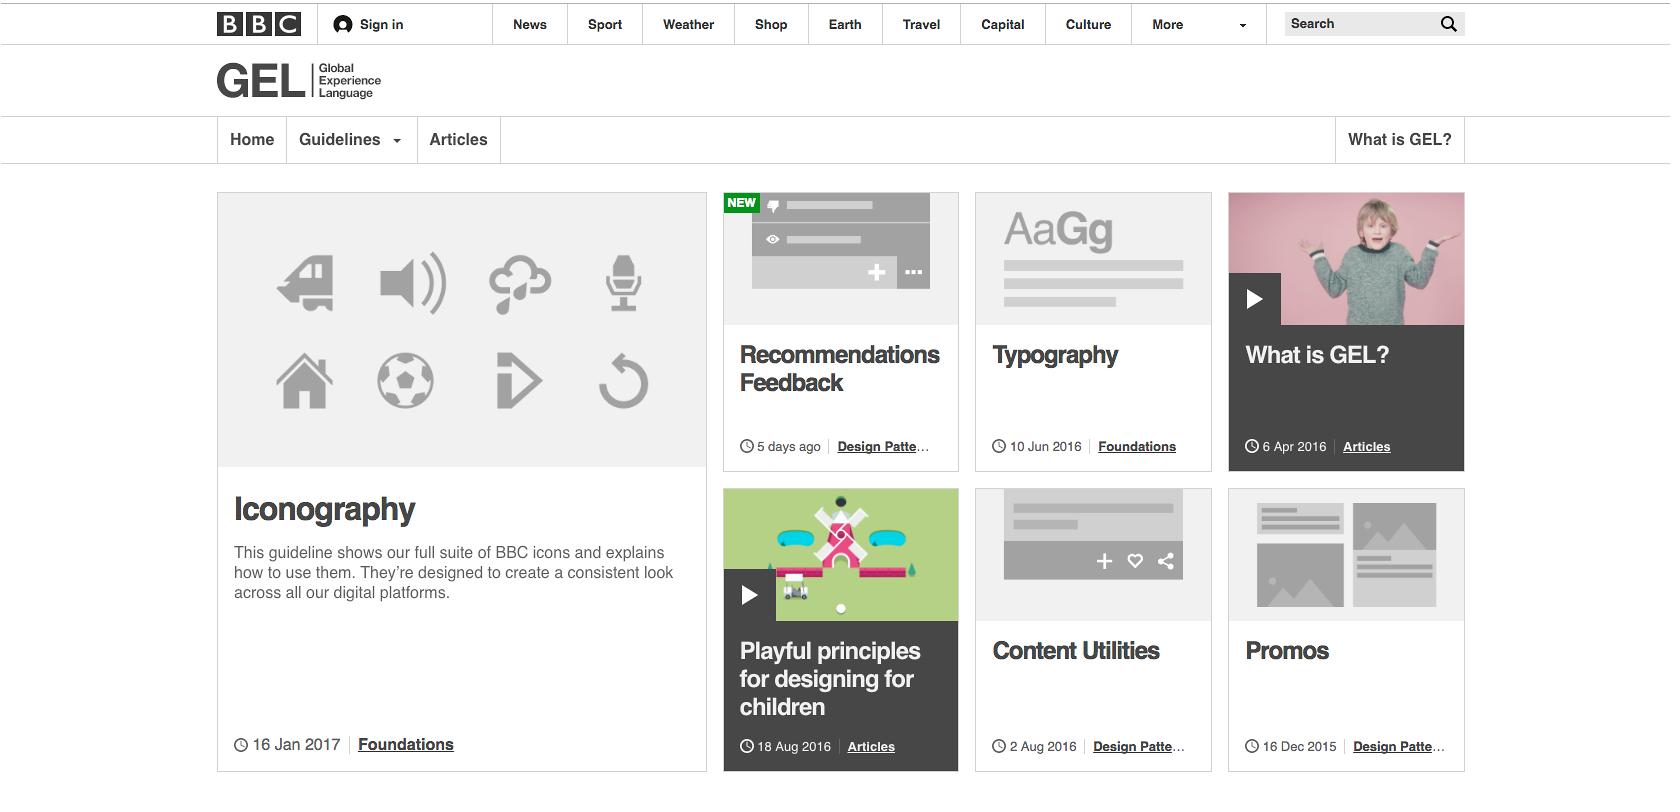 Sistema de diseño de UX, guía de estilo, y librería de componentes de BBC